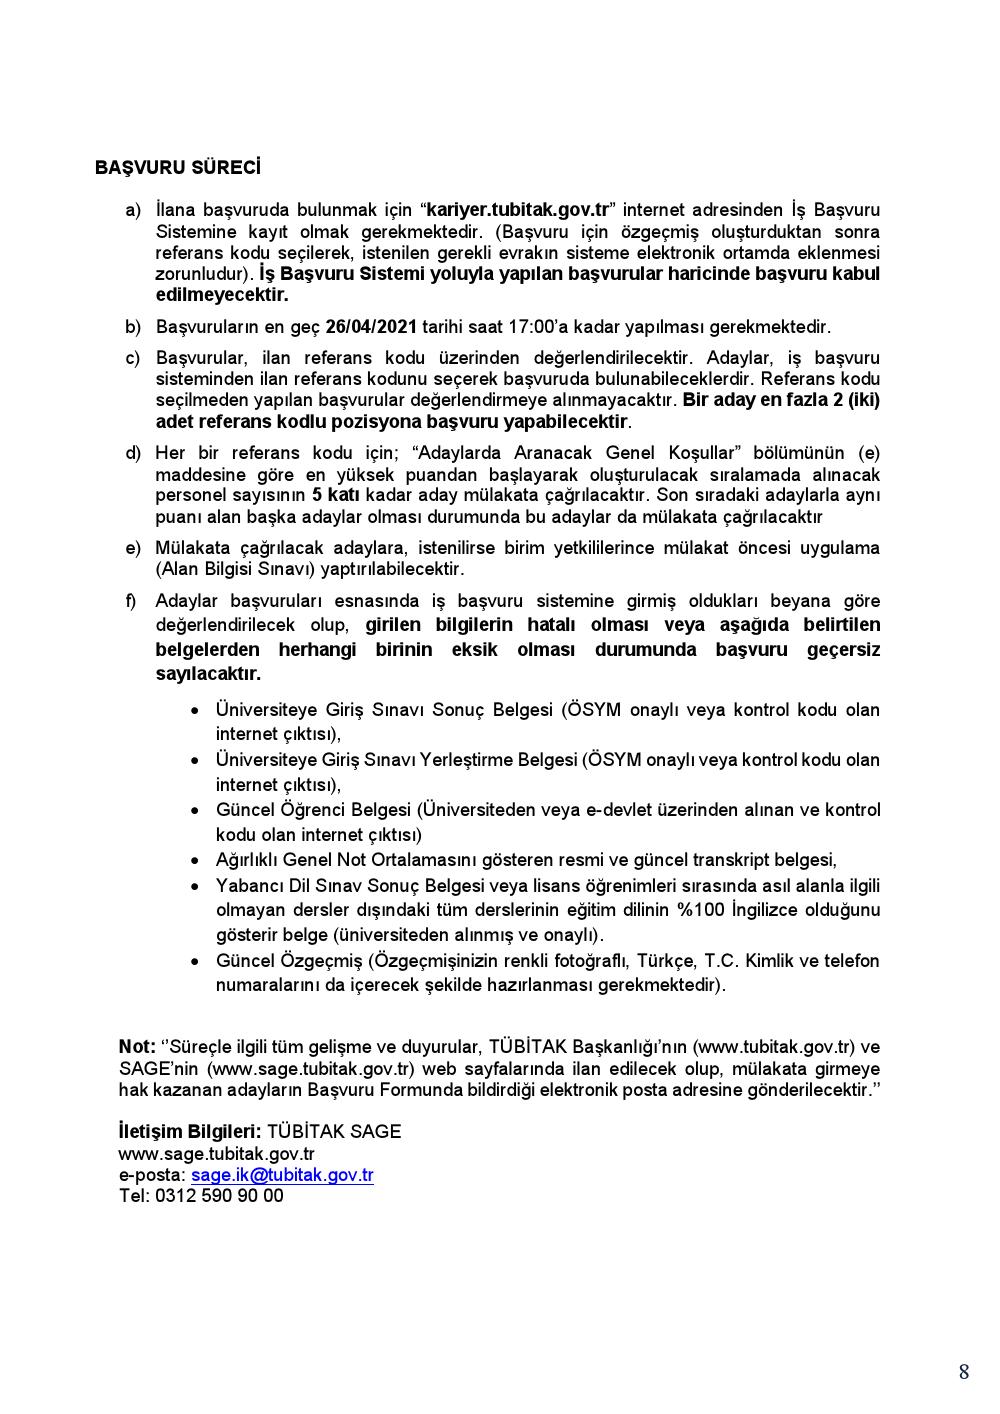 ankara-tubitak-sage-26-04-2021-000009.png